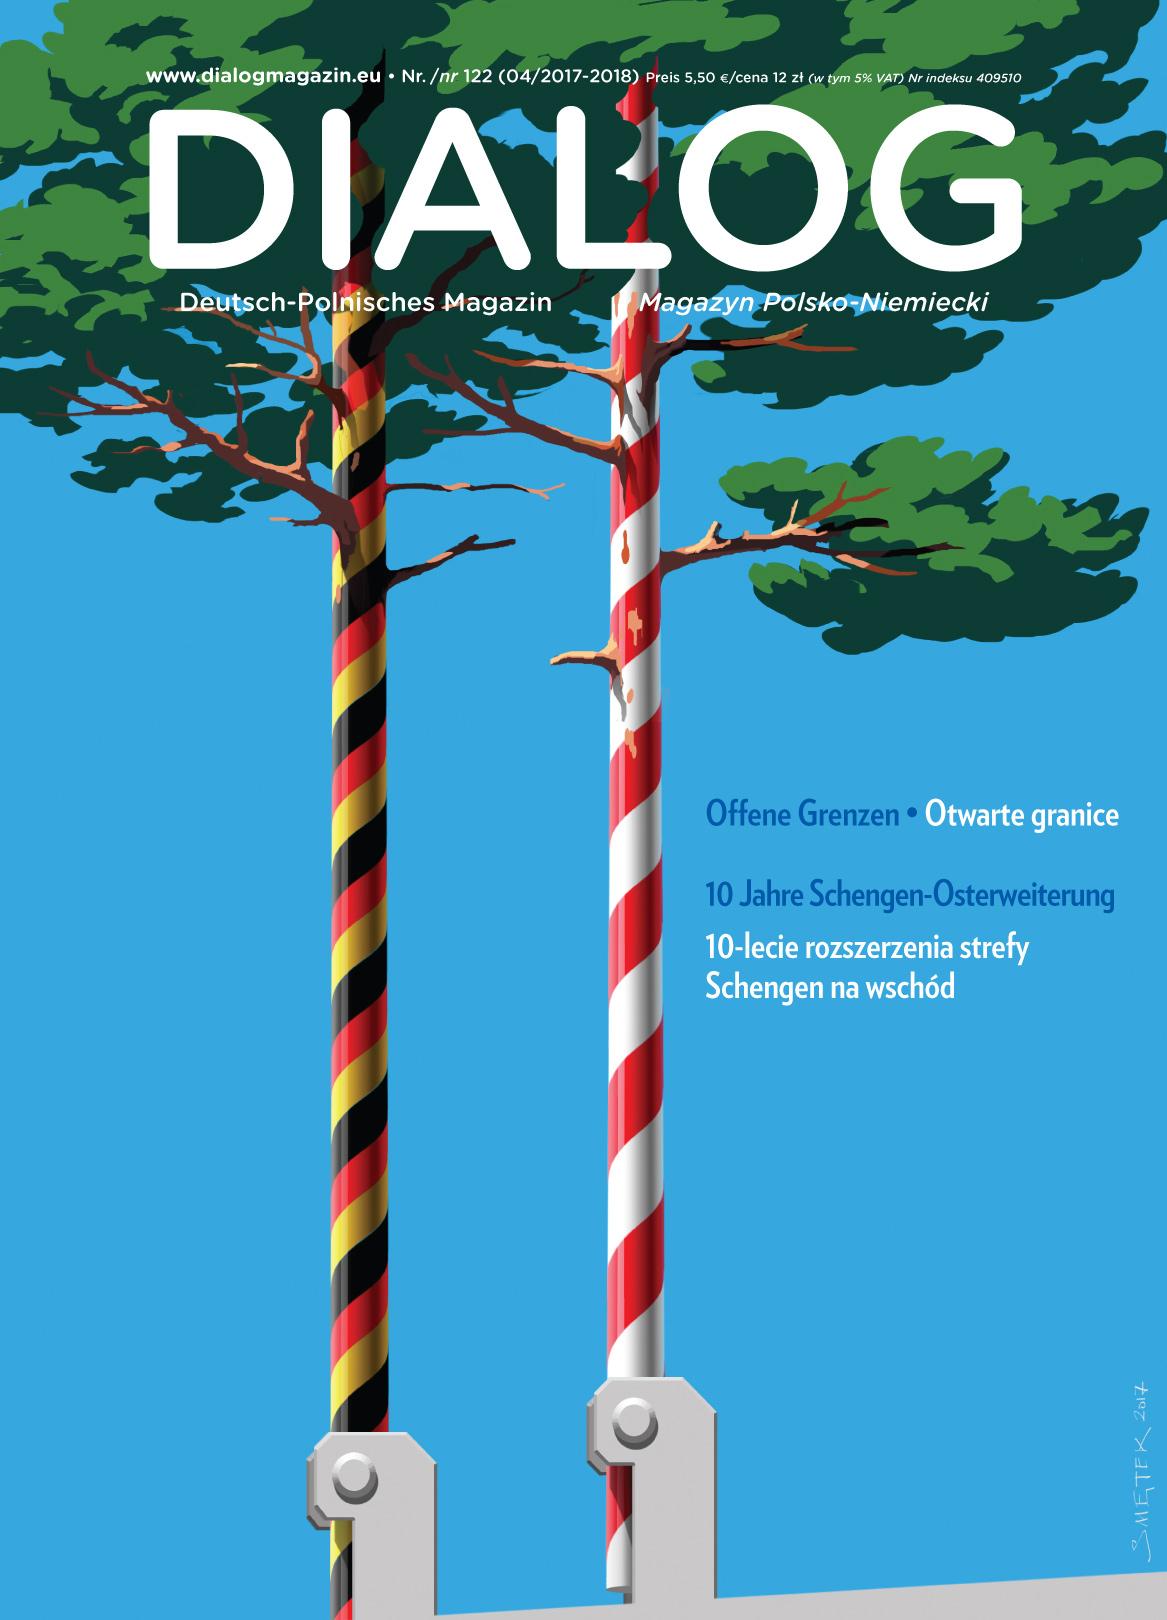 DIALOG Cover